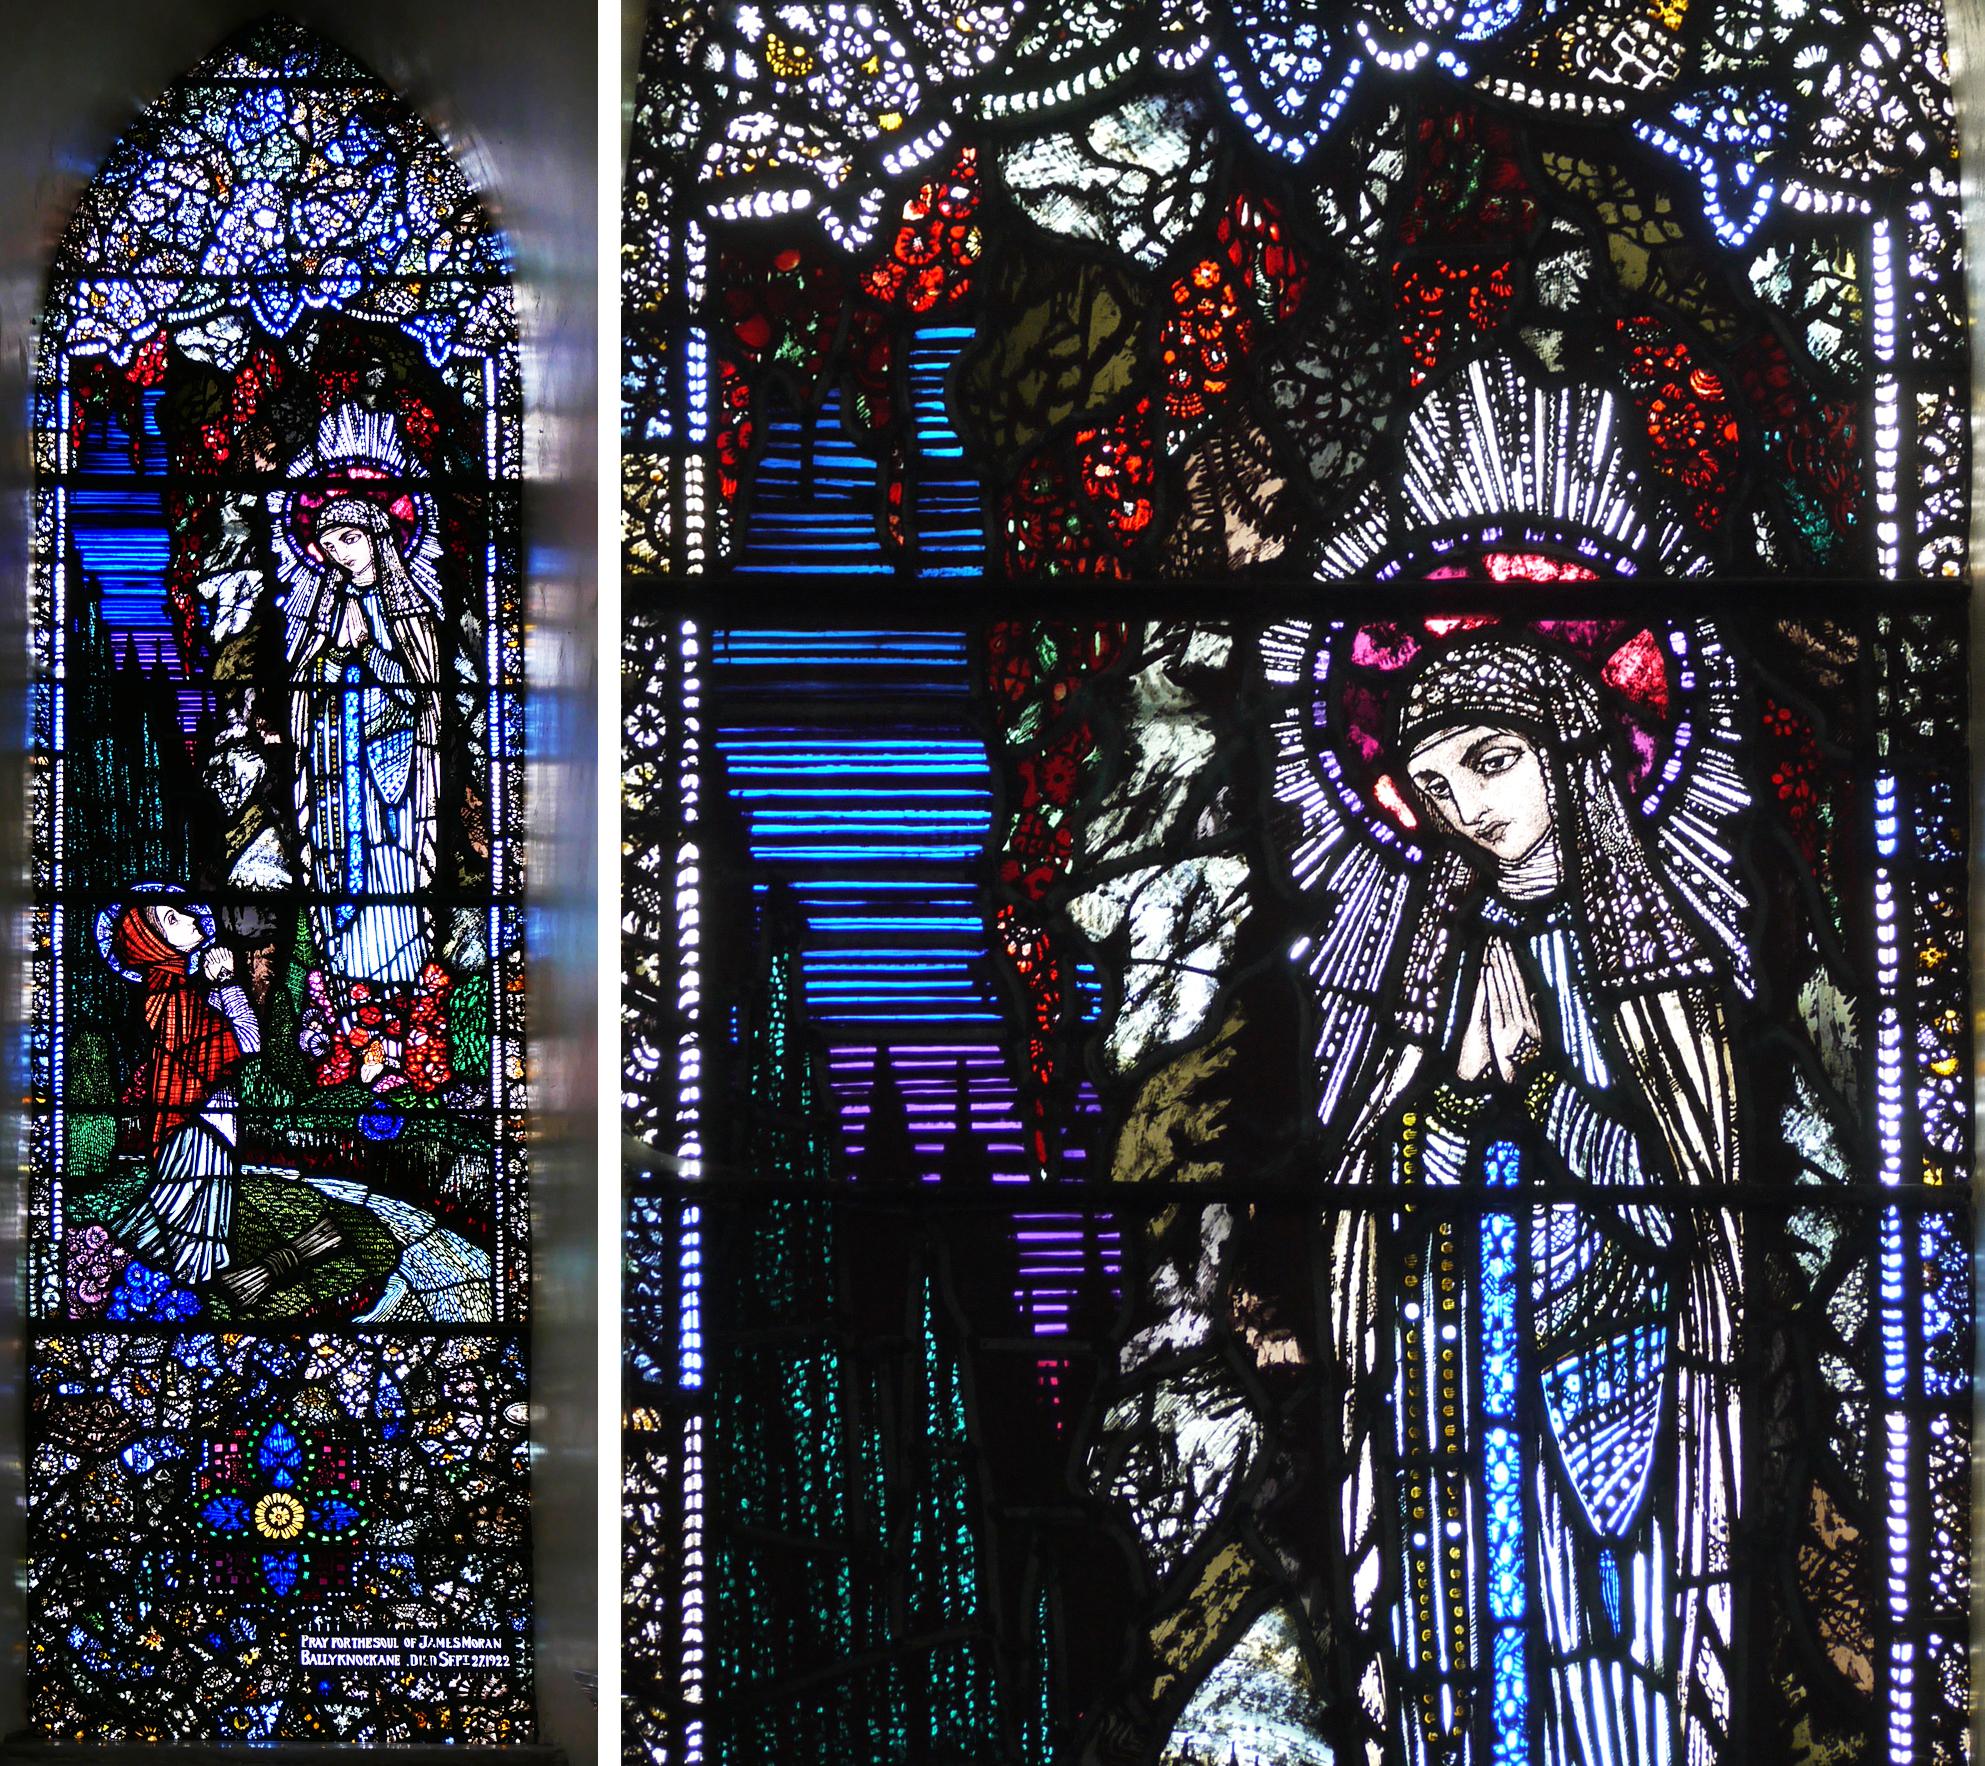 Vision of Bernadette at Lourdes, 1925